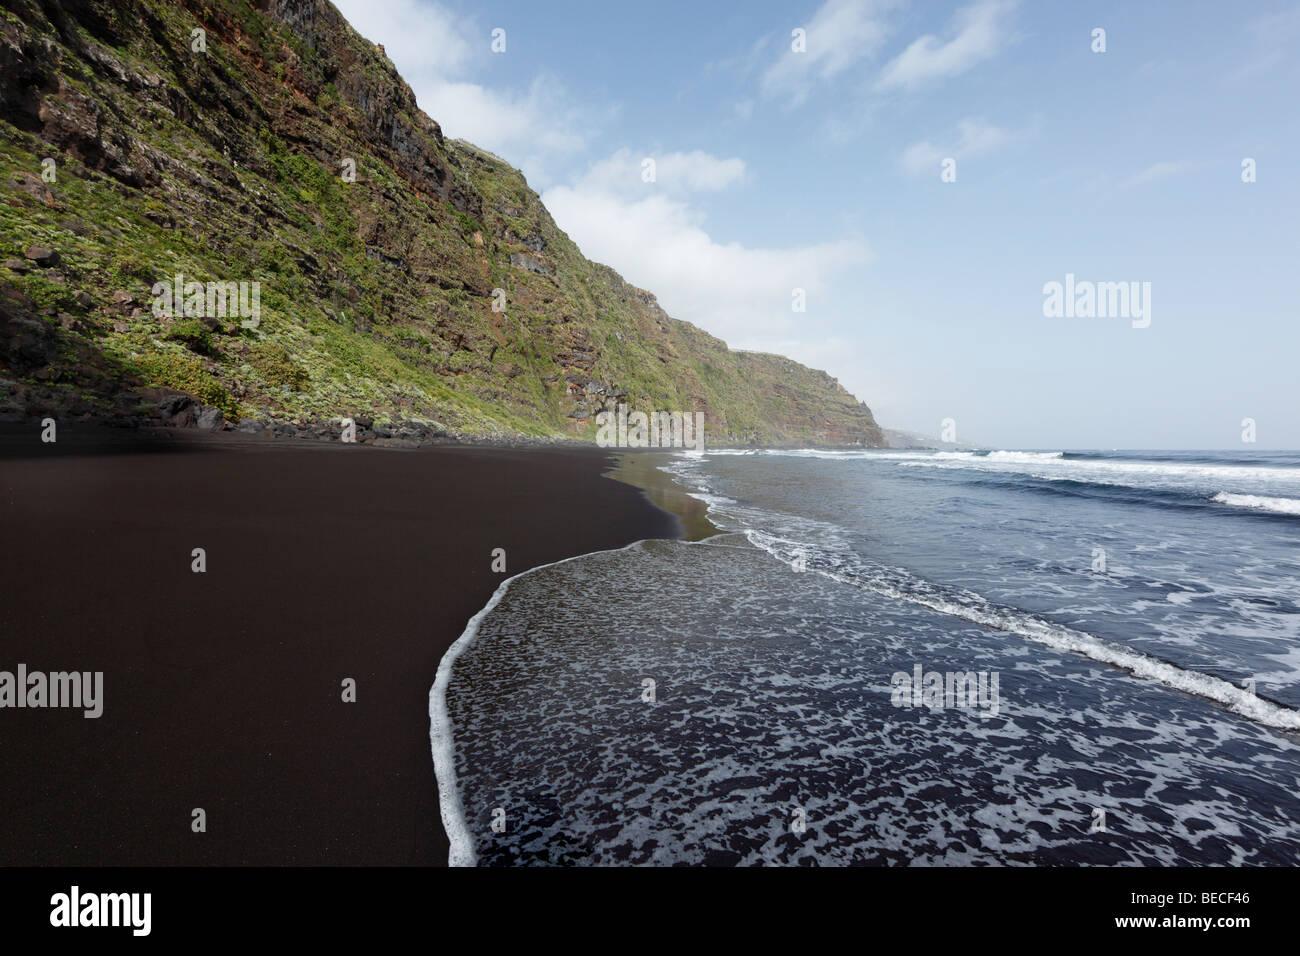 Playa de Nogales, Puntallana, La Palma, Canary Islands, Spain - Stock Image